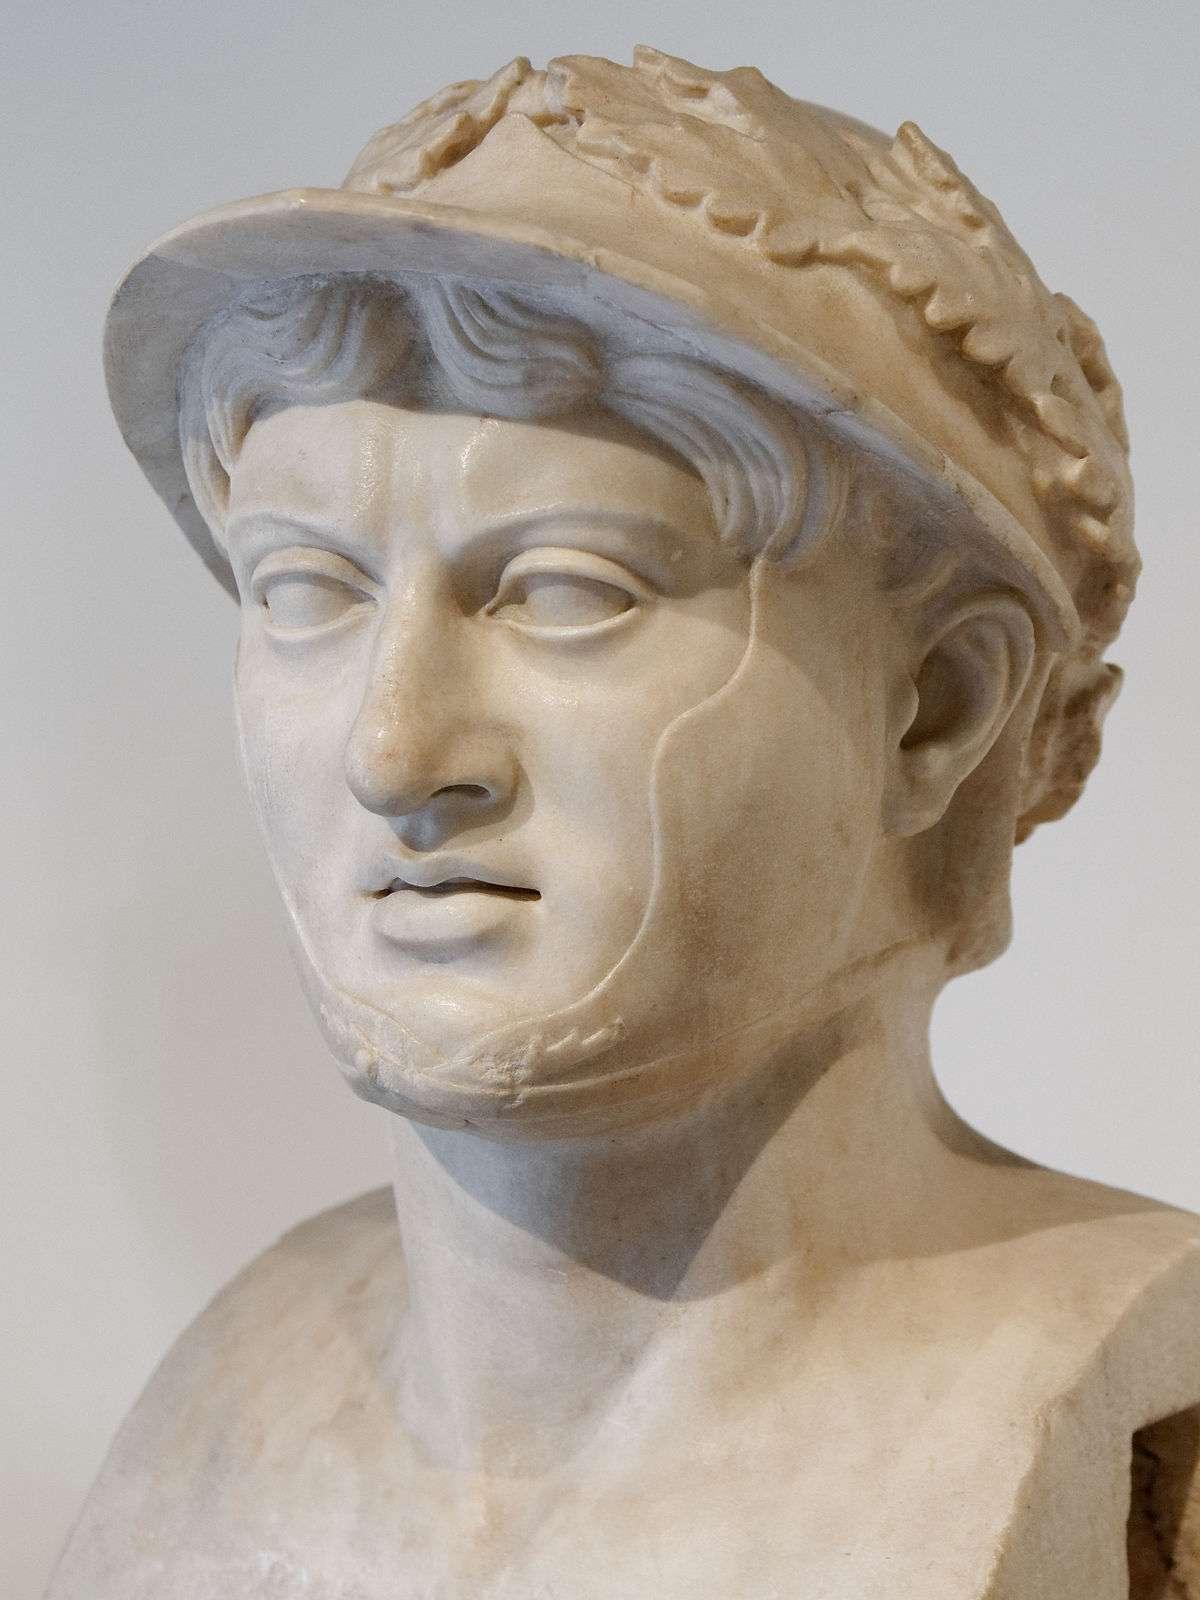 Ο Πύρρος Α΄ ή Πύρρος της Ηπείρου (318 π.Χ. – 272 π.Χ.) ήταν Έλληνας βασιλιάς των Μολοσσών, ελληνικού φύλου που κατοικούσε στην Ήπειρο, καθώς κι ένας από τους σπουδαιότερους ηγεμόνες της πρώιμης ελληνιστικής περιόδου.